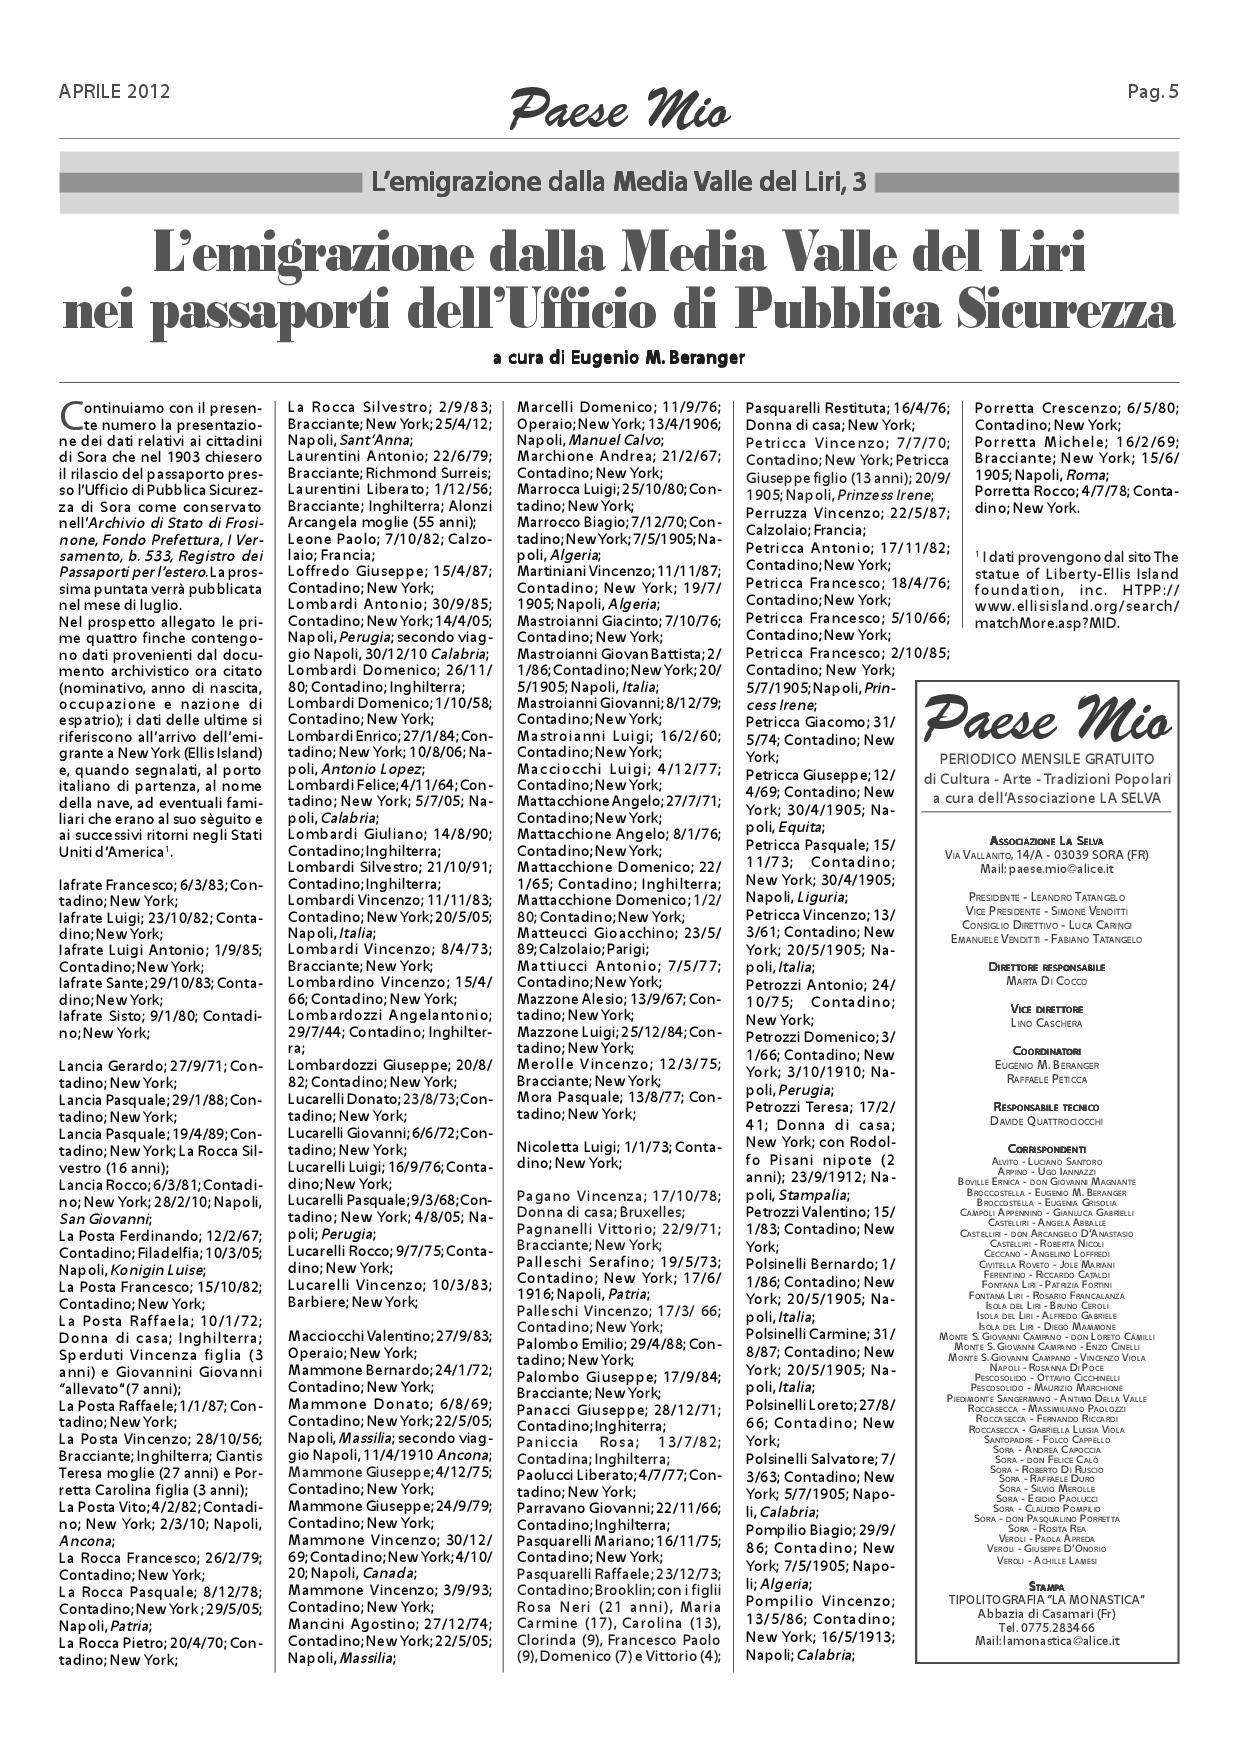 Mio Dino Ufficio.Passport Records For 1903 For Sora Partial And Pescosolido